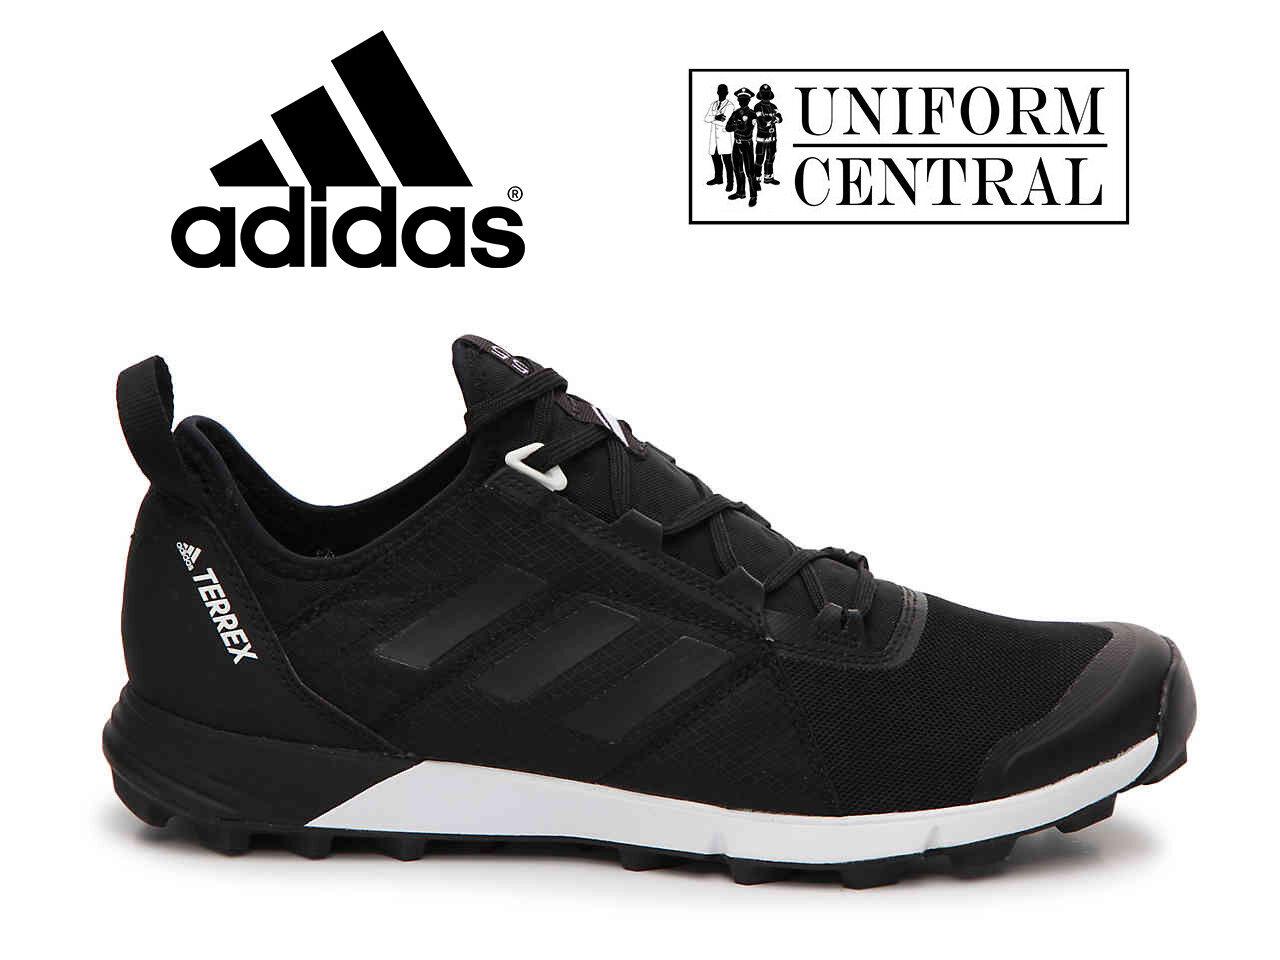 de nouveaux hommes est noir adidas terrex agravic athlétisme athlétisme agravic chaussures - cm7577 sentier de vitesse 21af3c